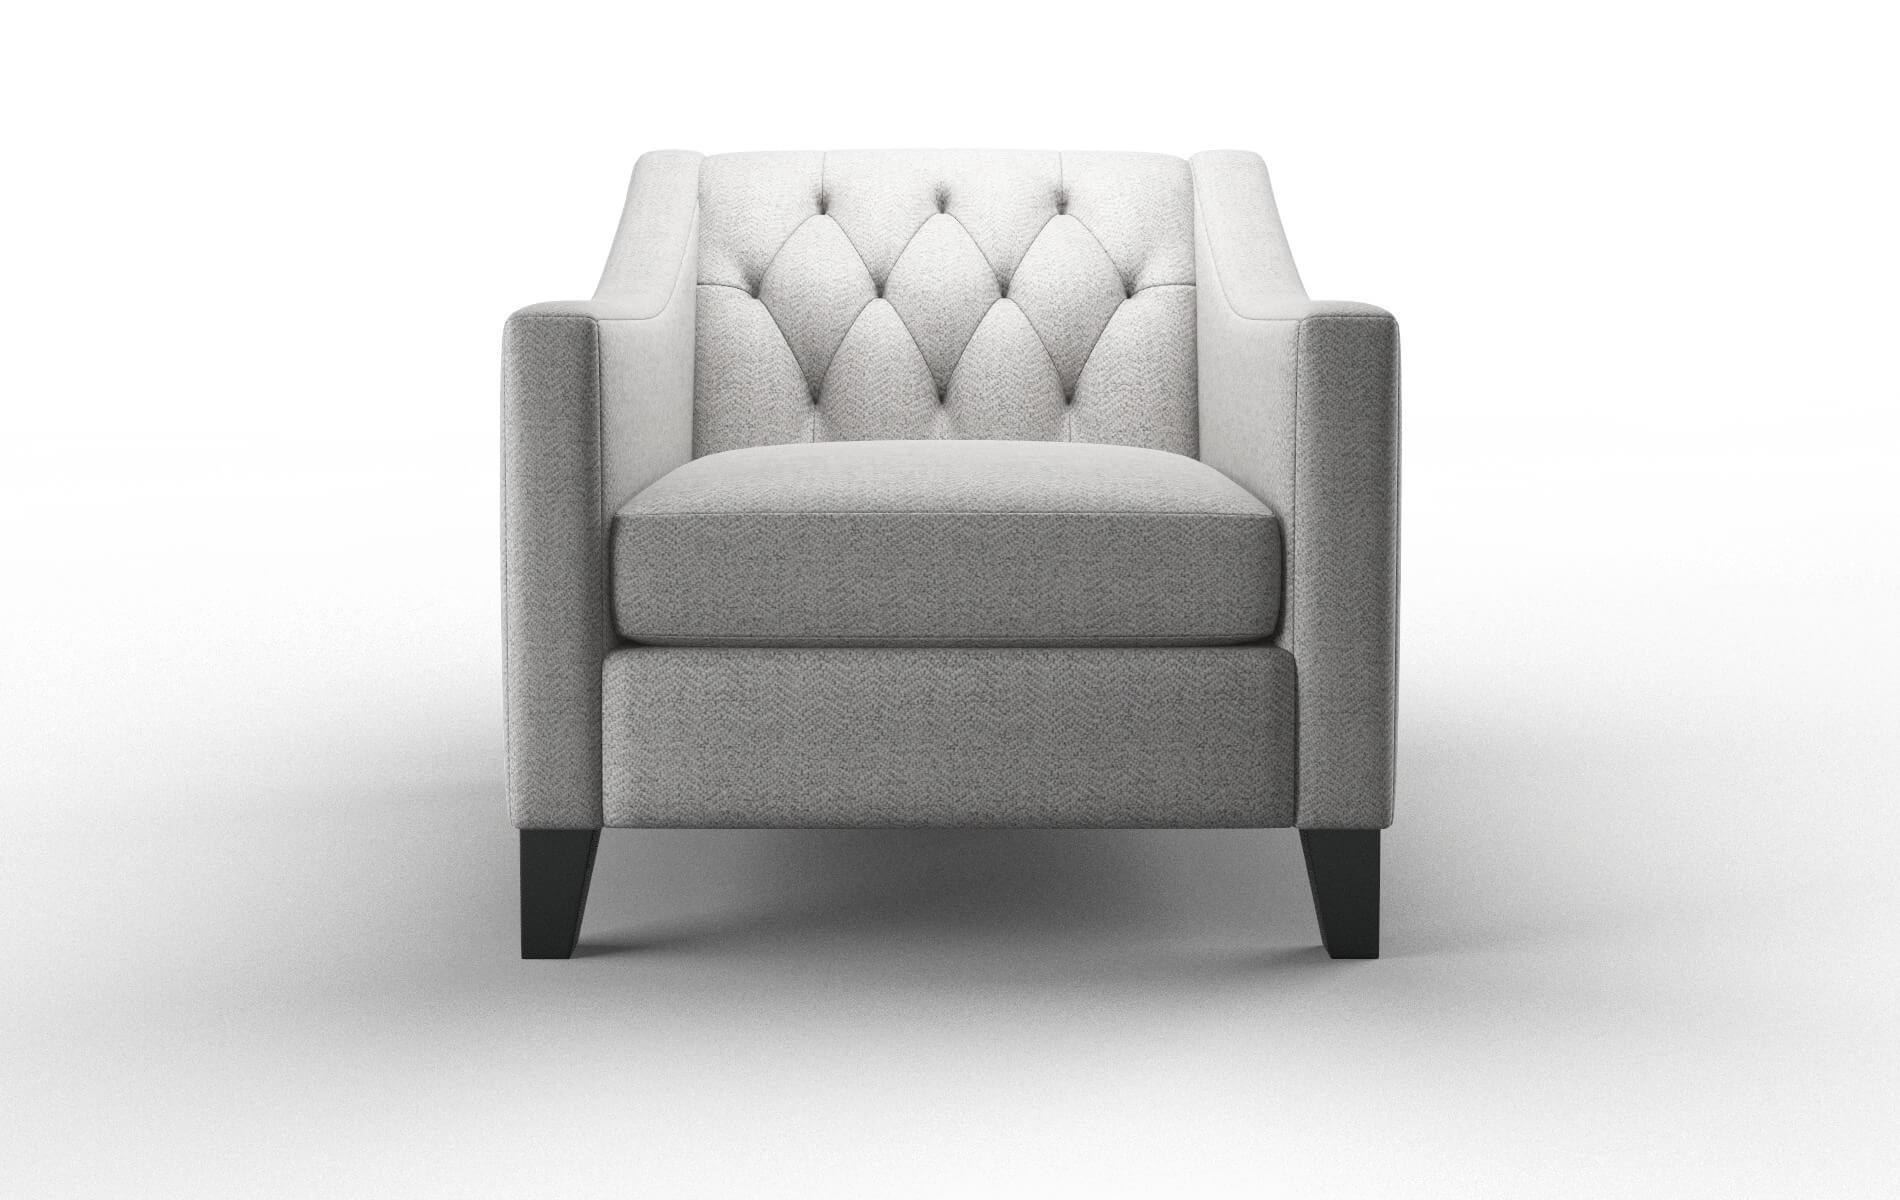 Seville Catalina Silver chair espresso legs